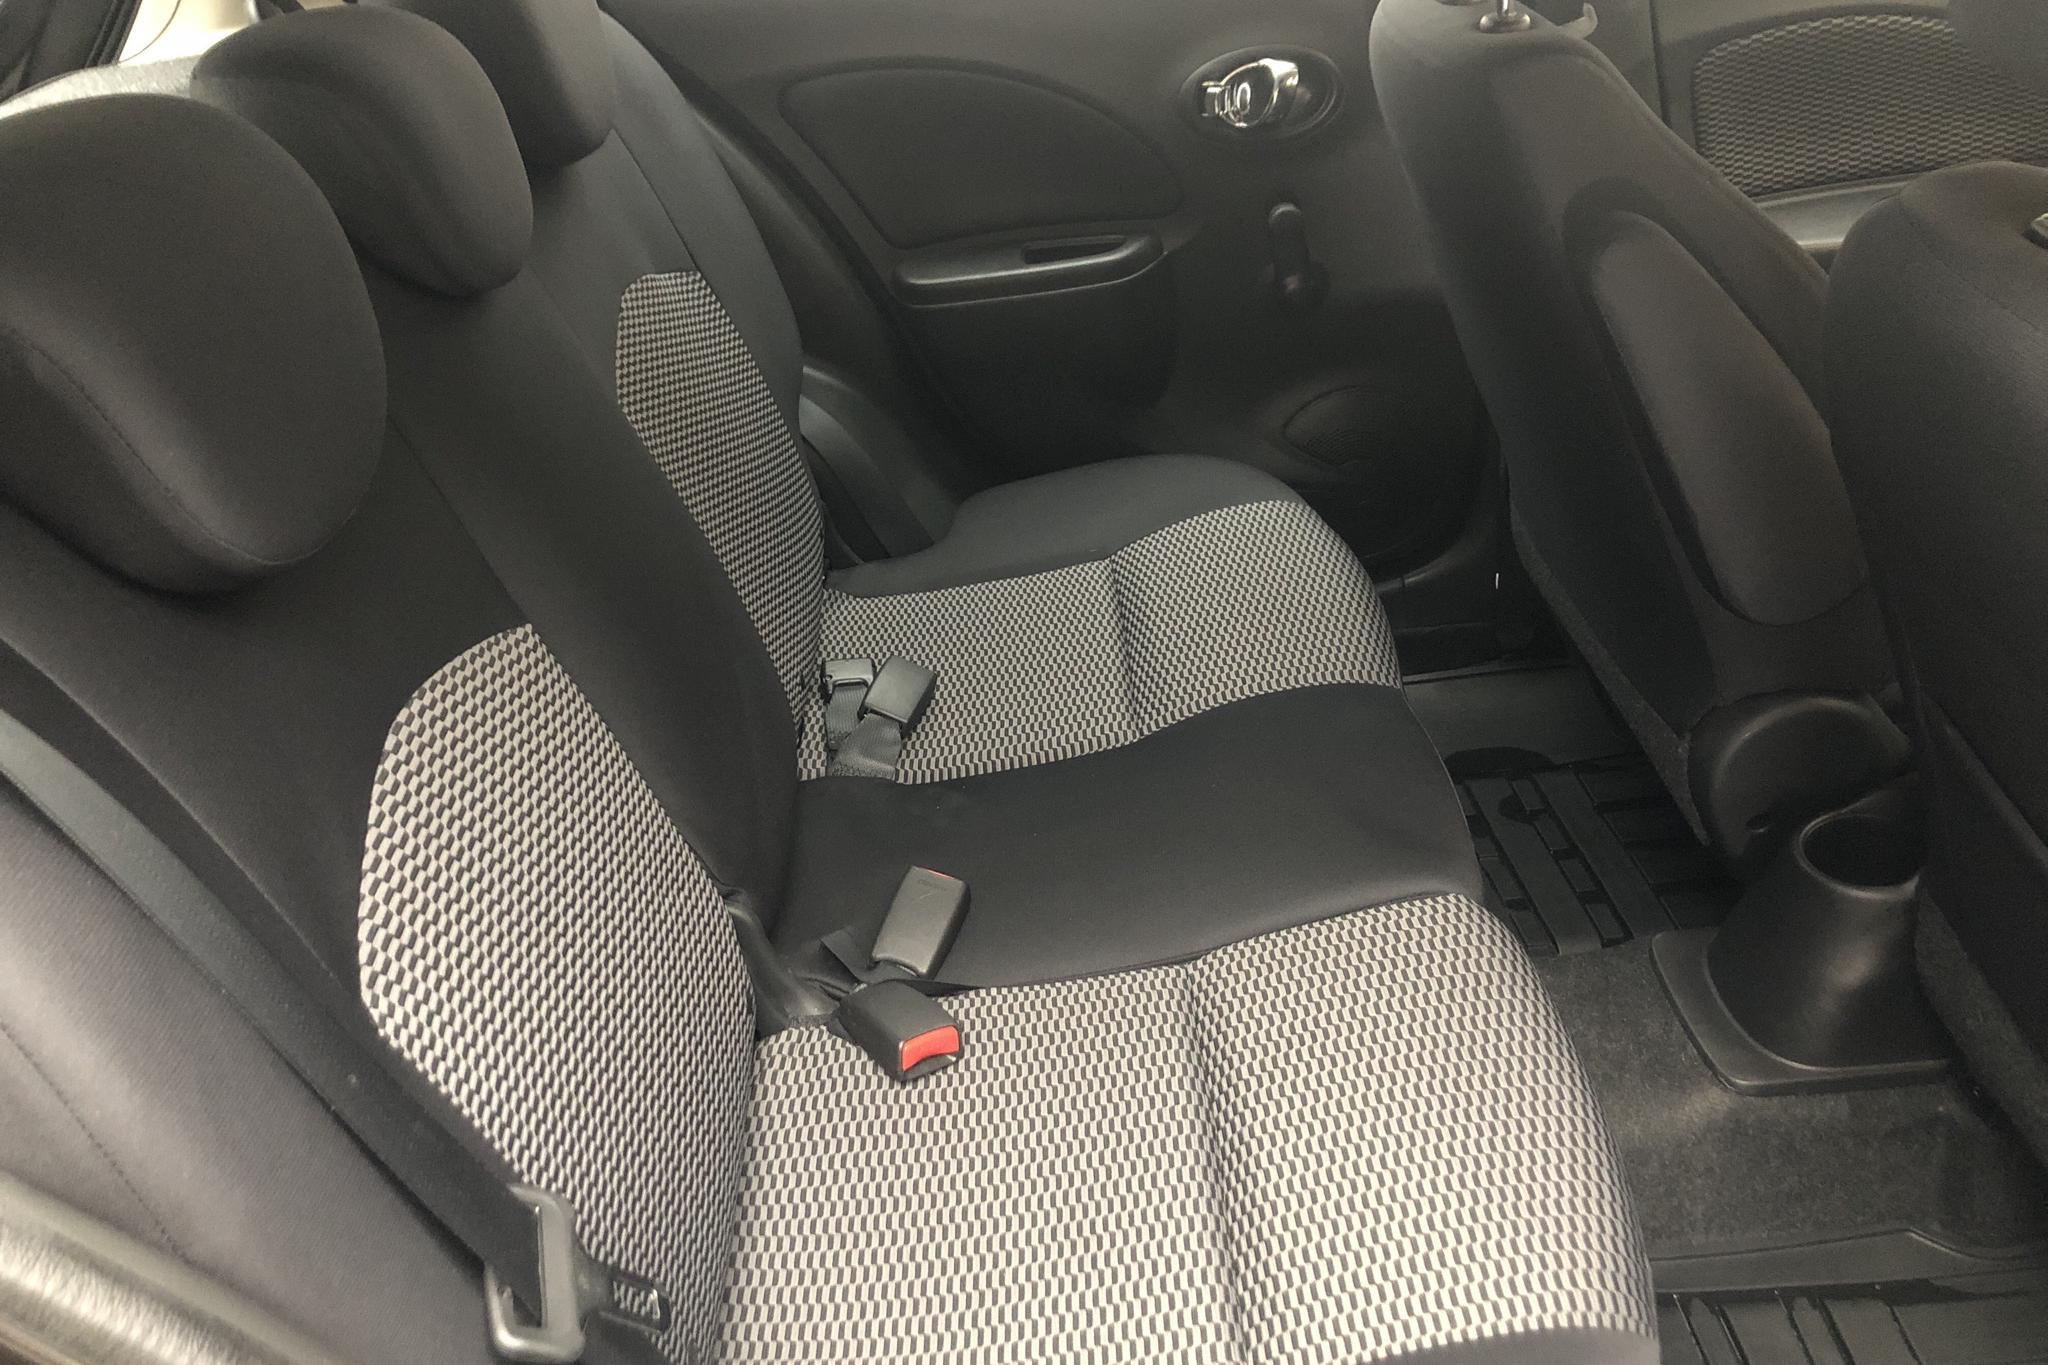 Nissan Micra 1.2 5dr (80hk) - 2 013 mil - Manuell - 2016